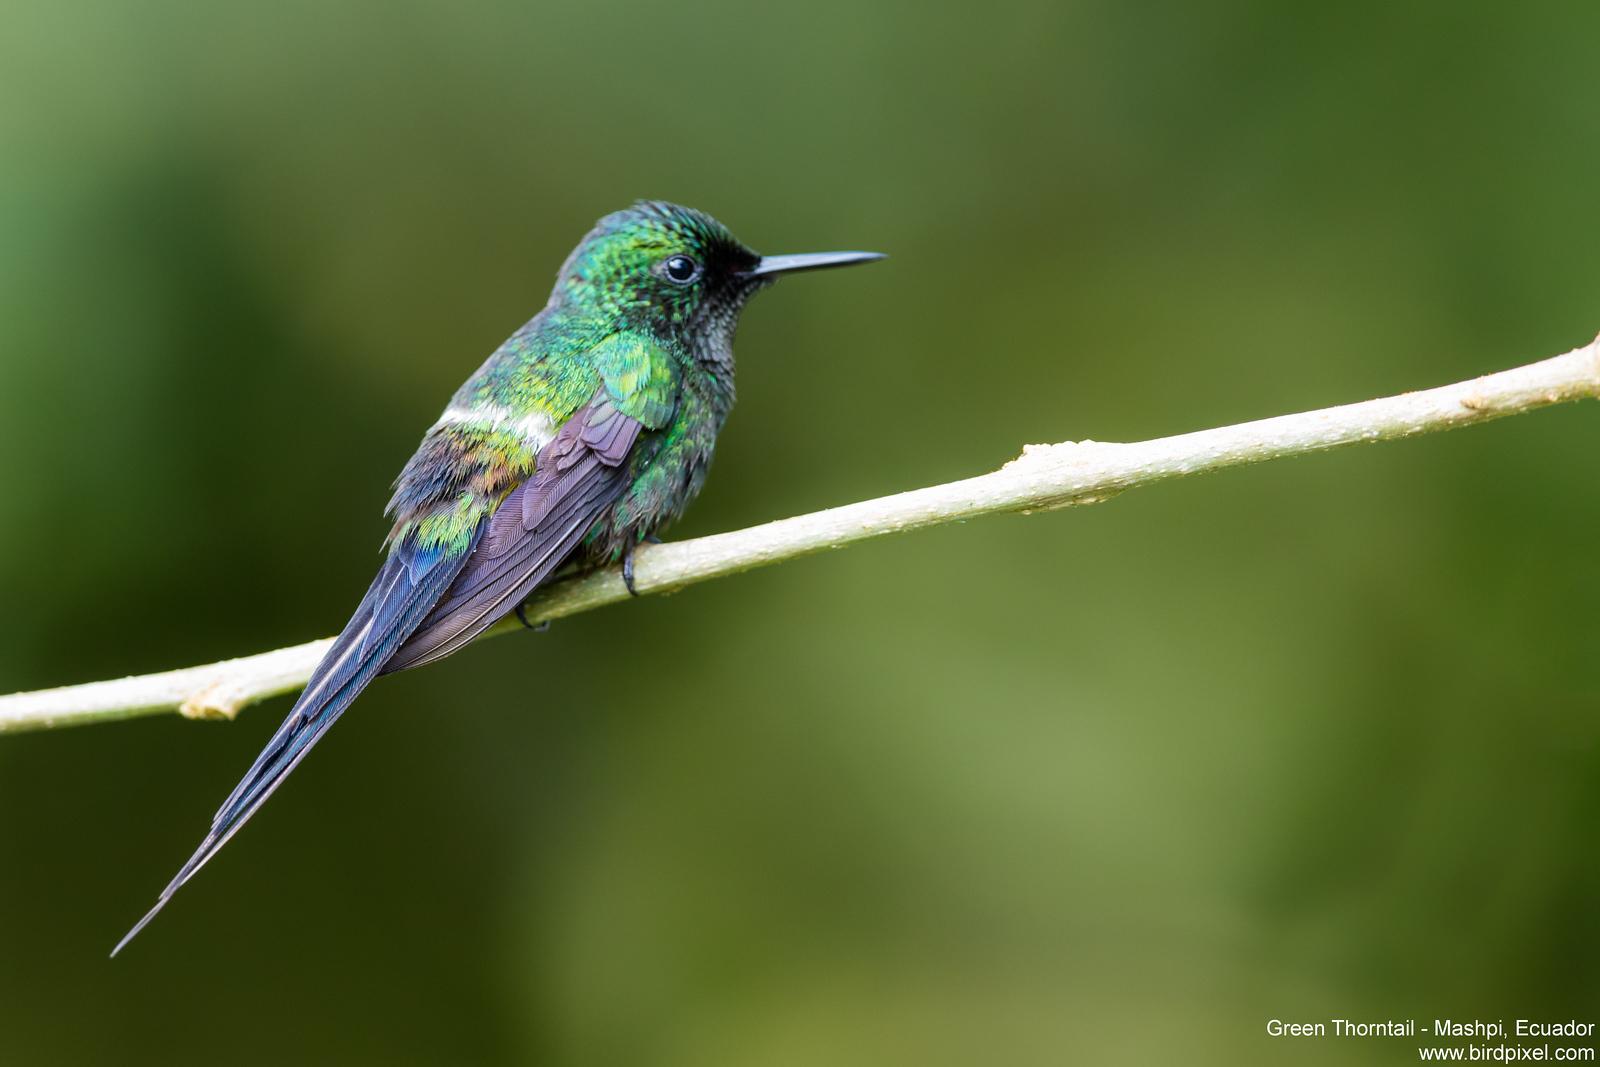 Green Thorntail - Mashpi, Ecuador